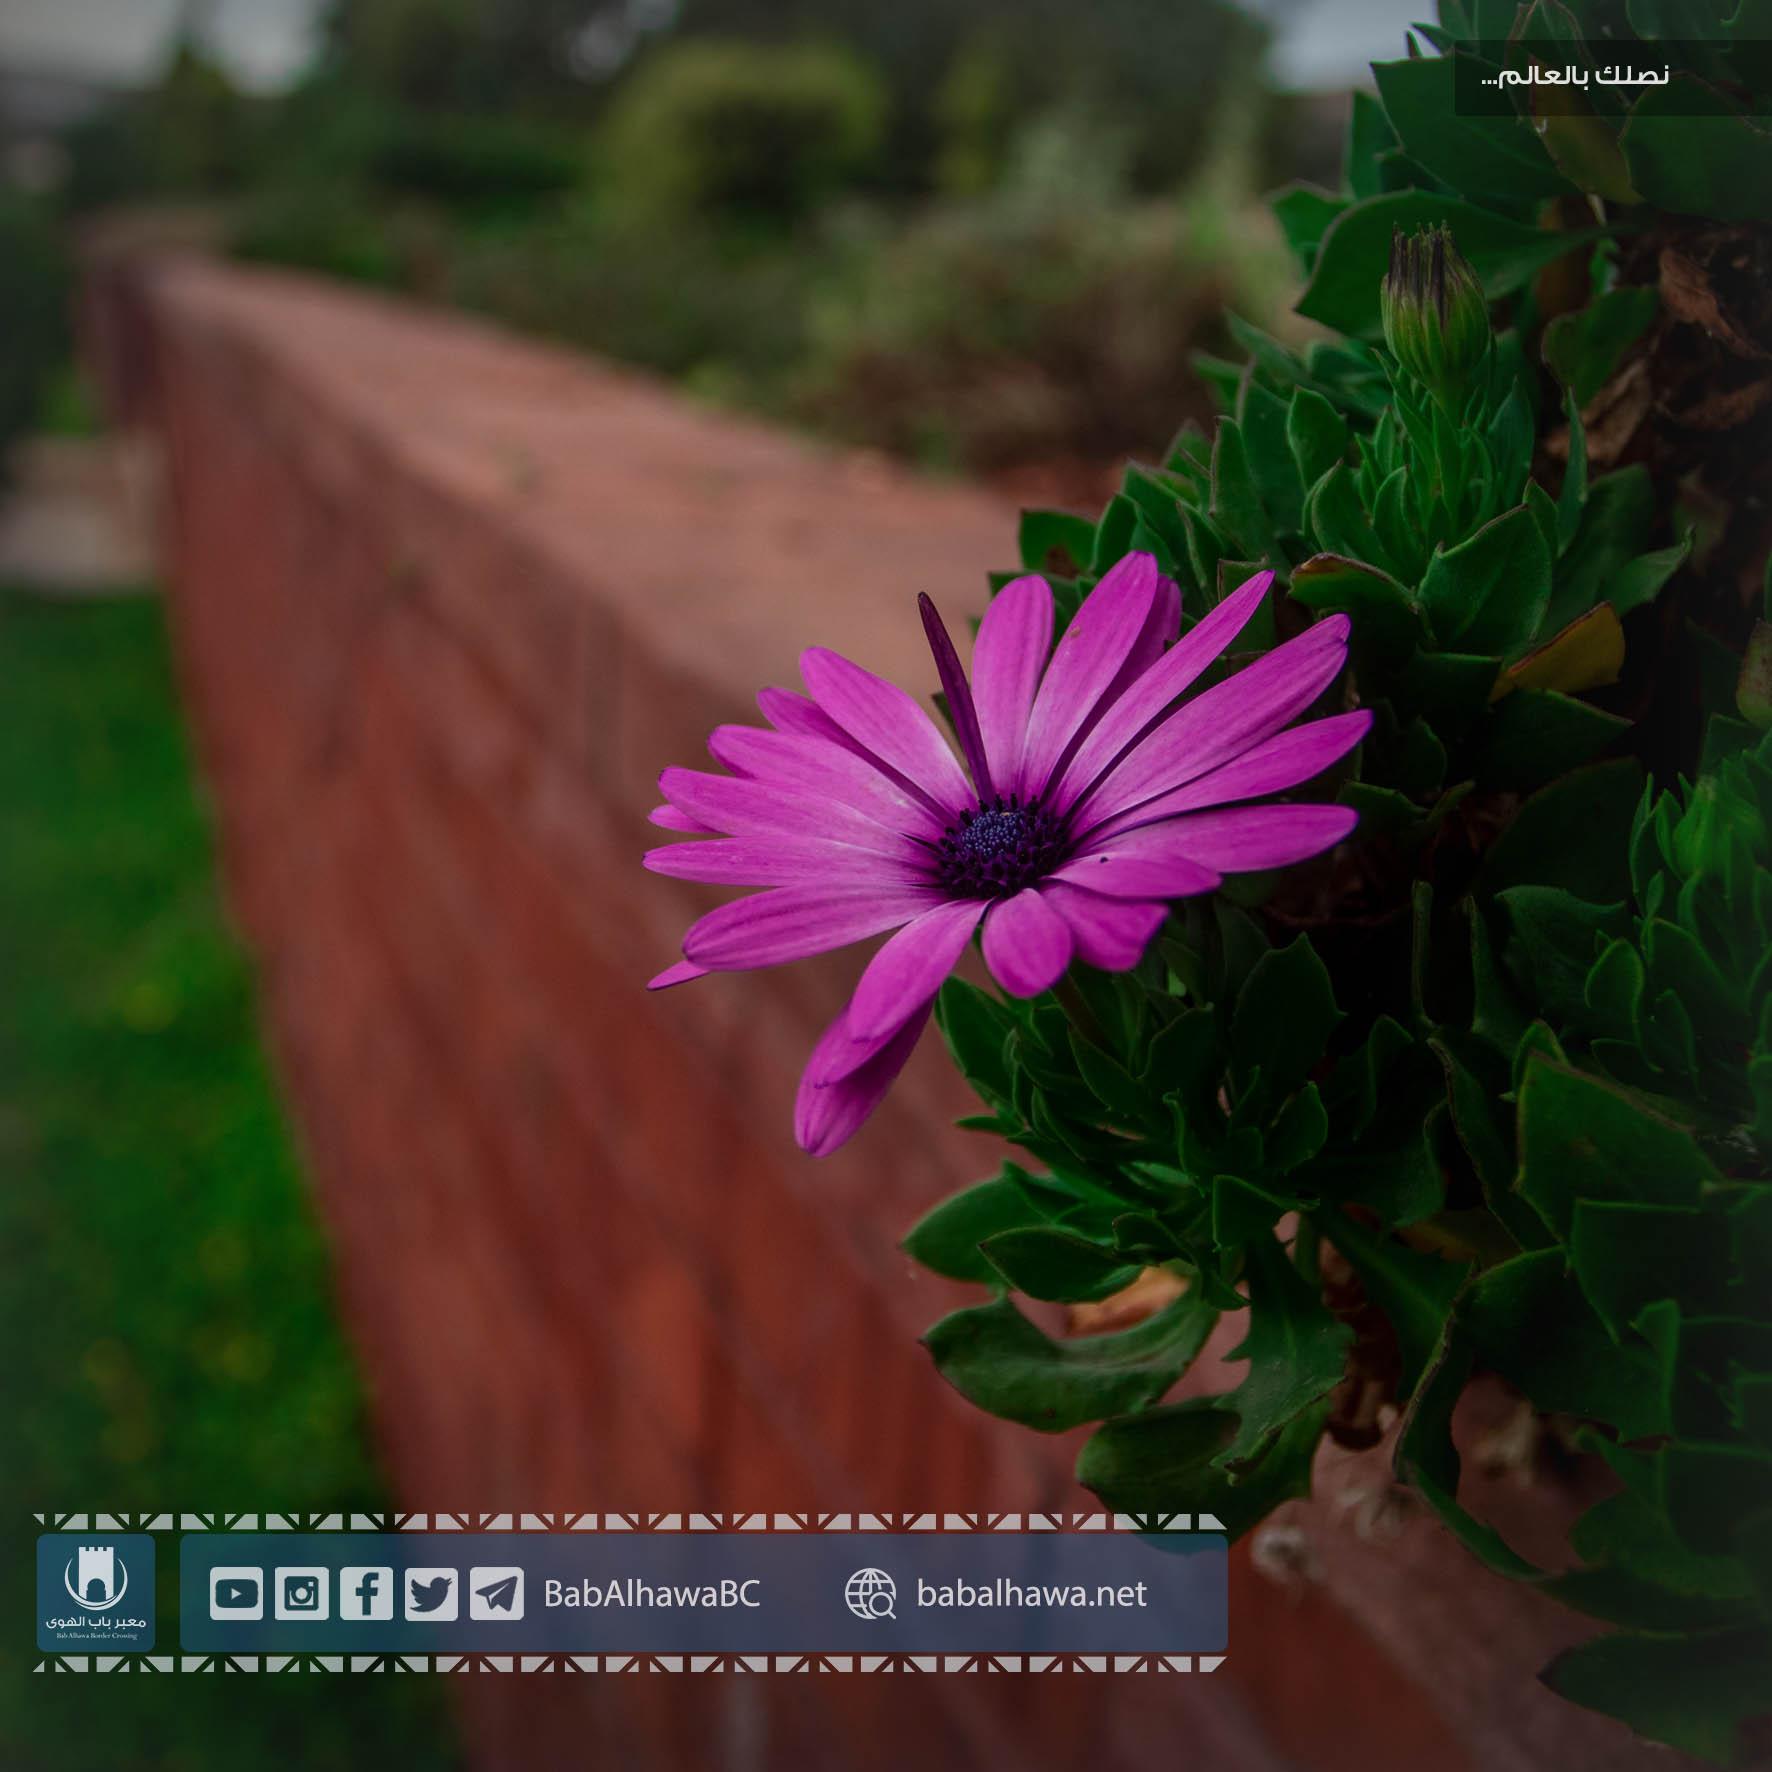 زهرة في حديقة معبر باب الهوى - سوريا 2019